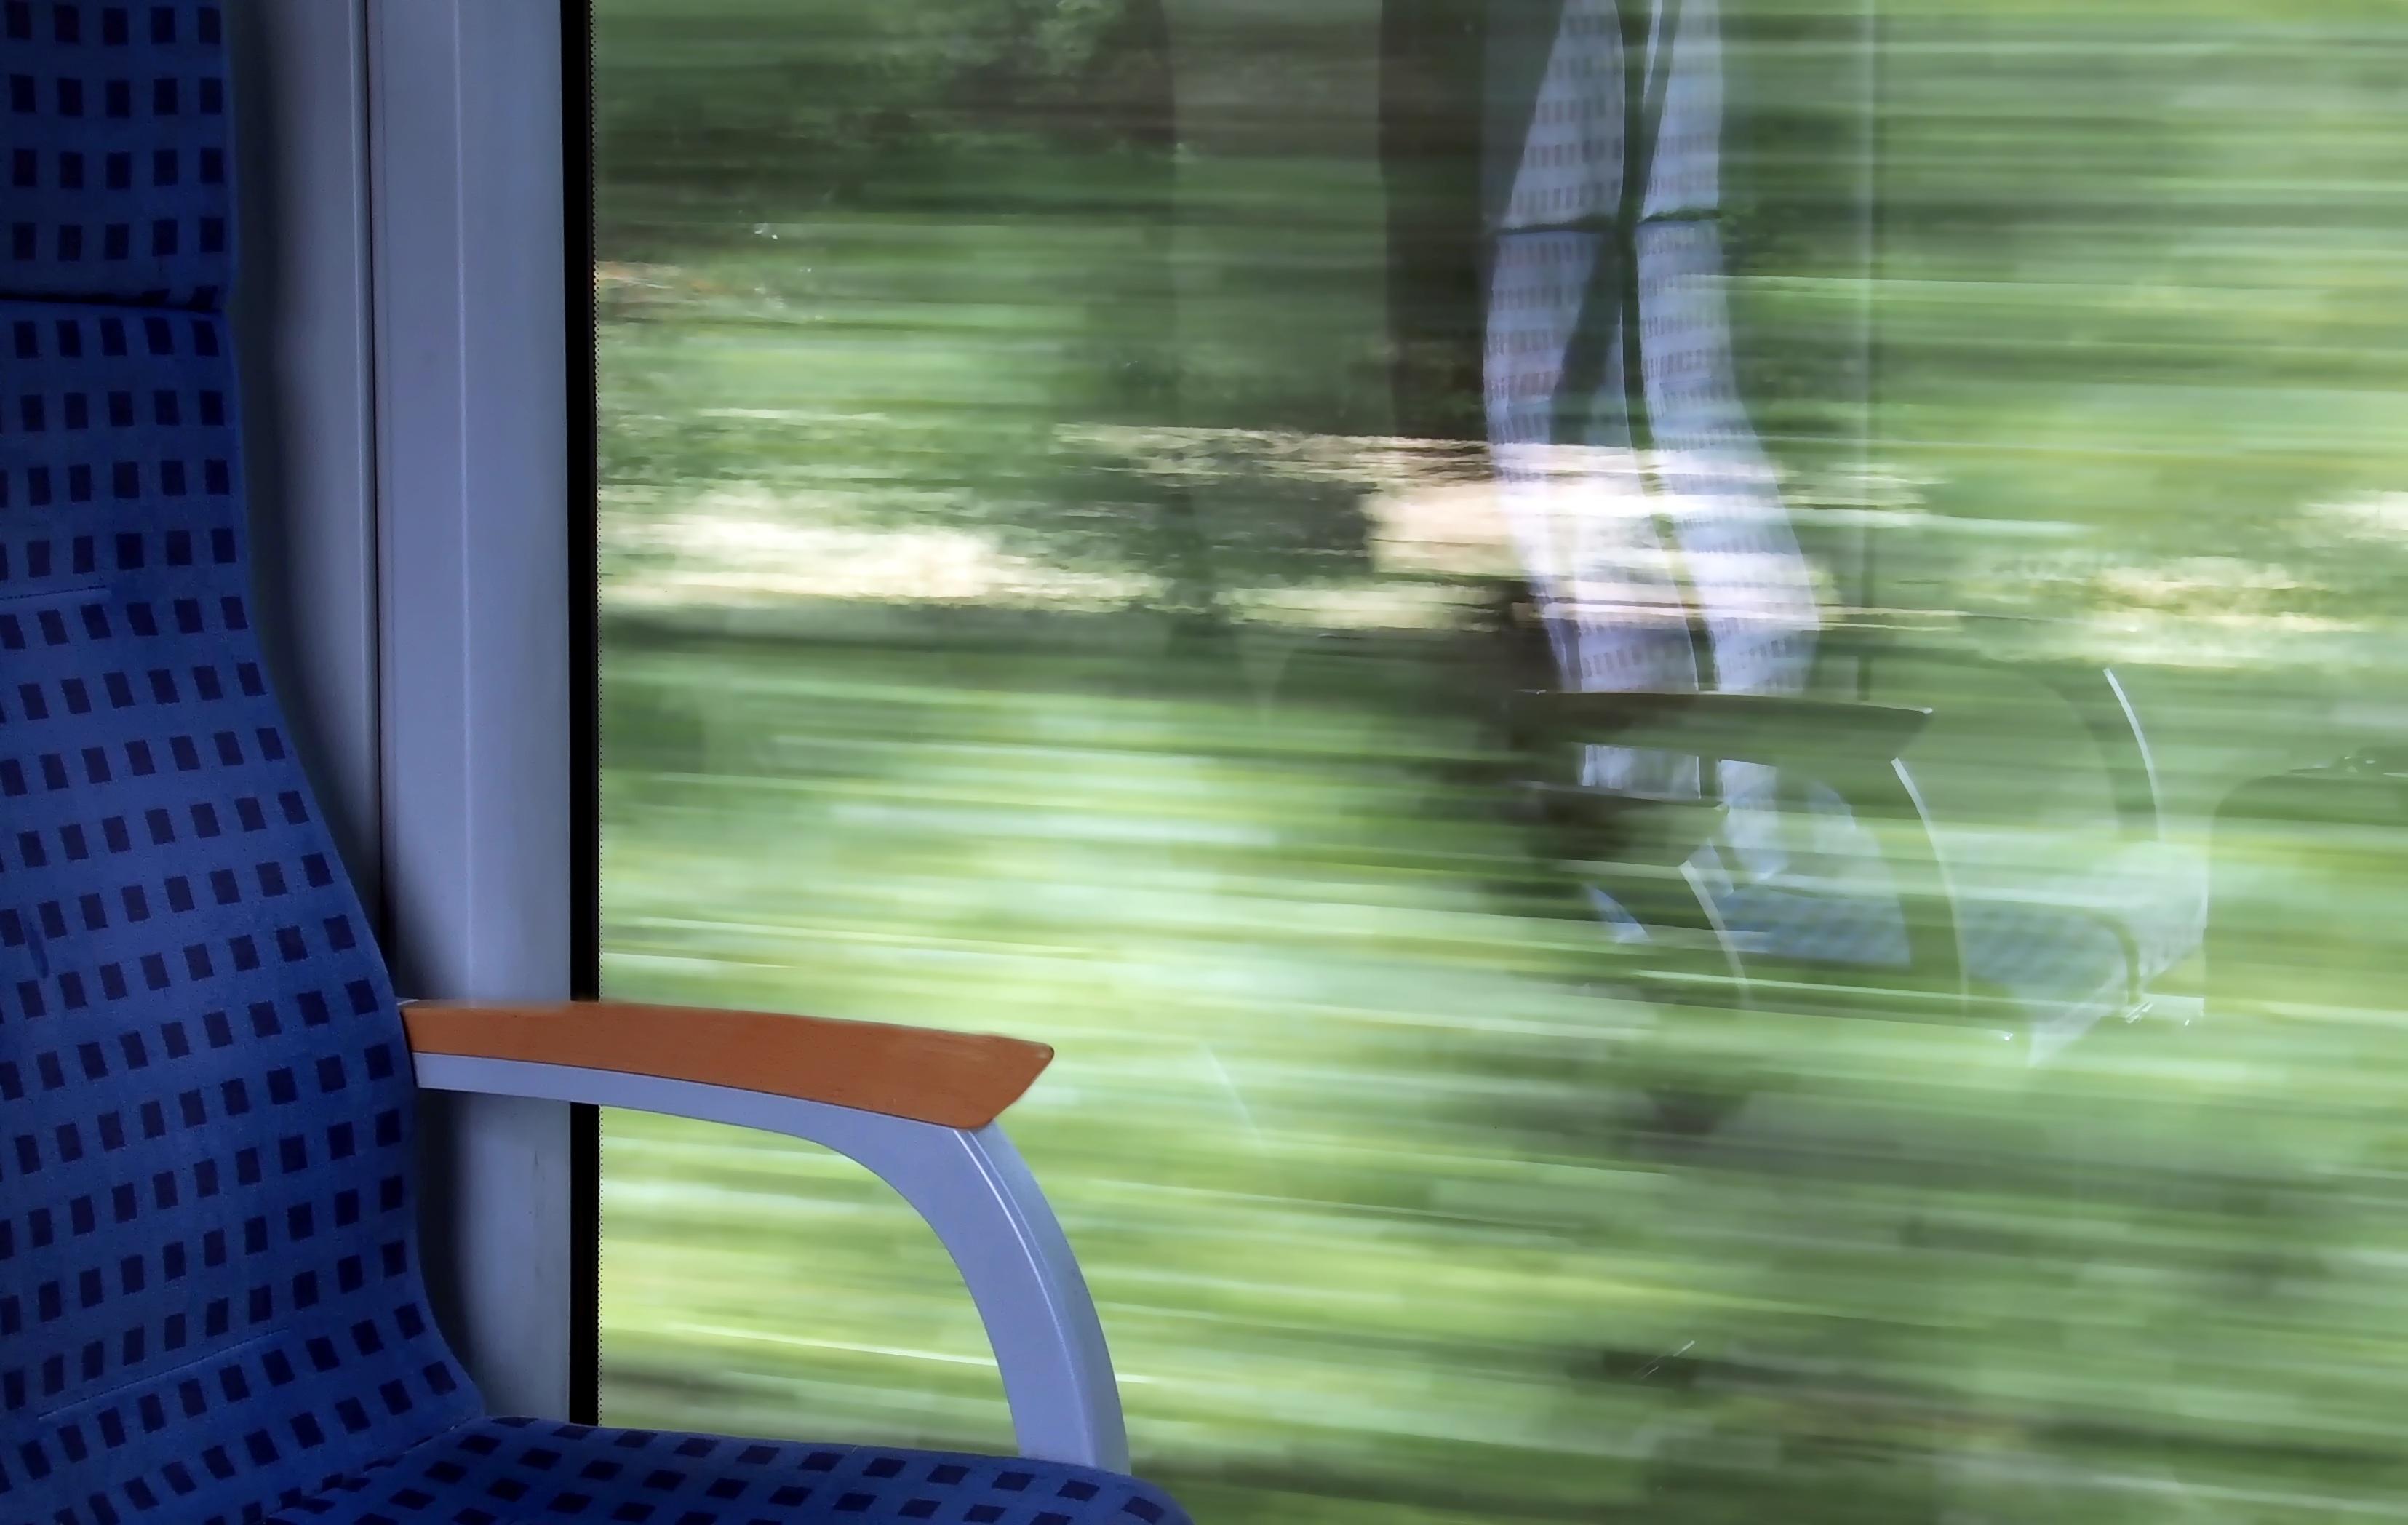 Train travel, Journey, Train, Travel, View, HQ Photo